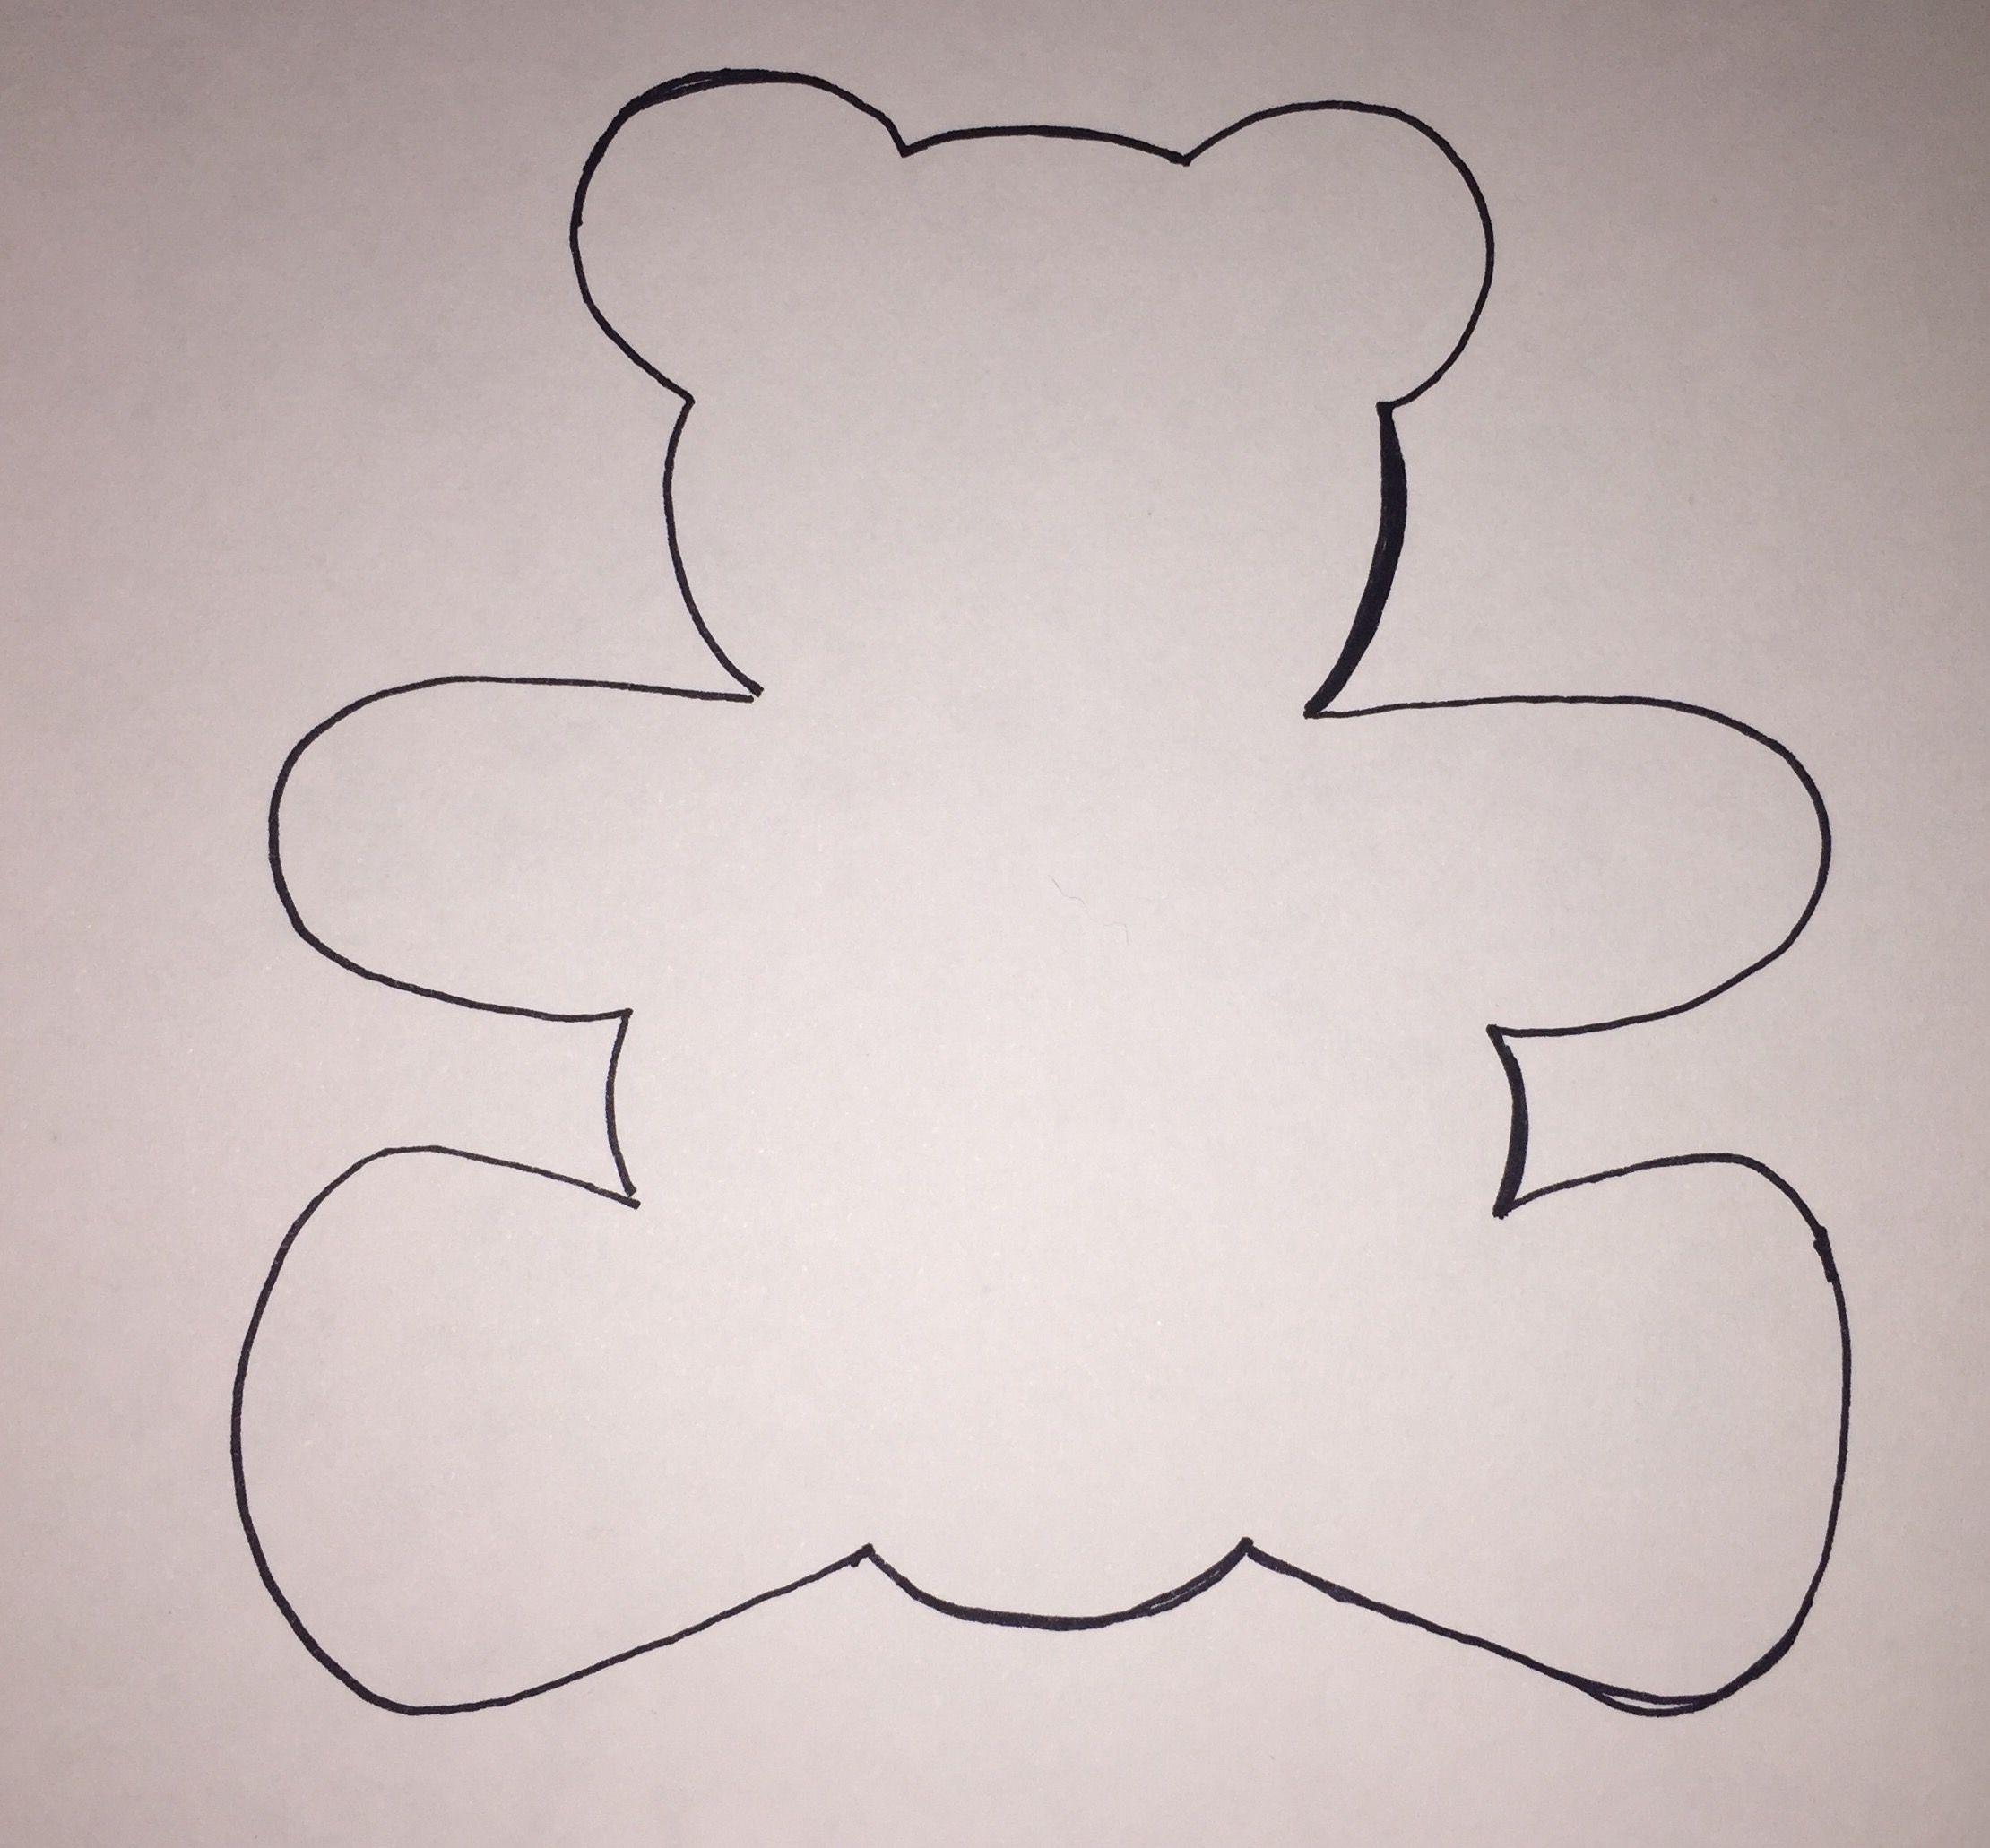 Molde Aplicação Pathwork Molde desenho silhueta Urso Ursinho ...